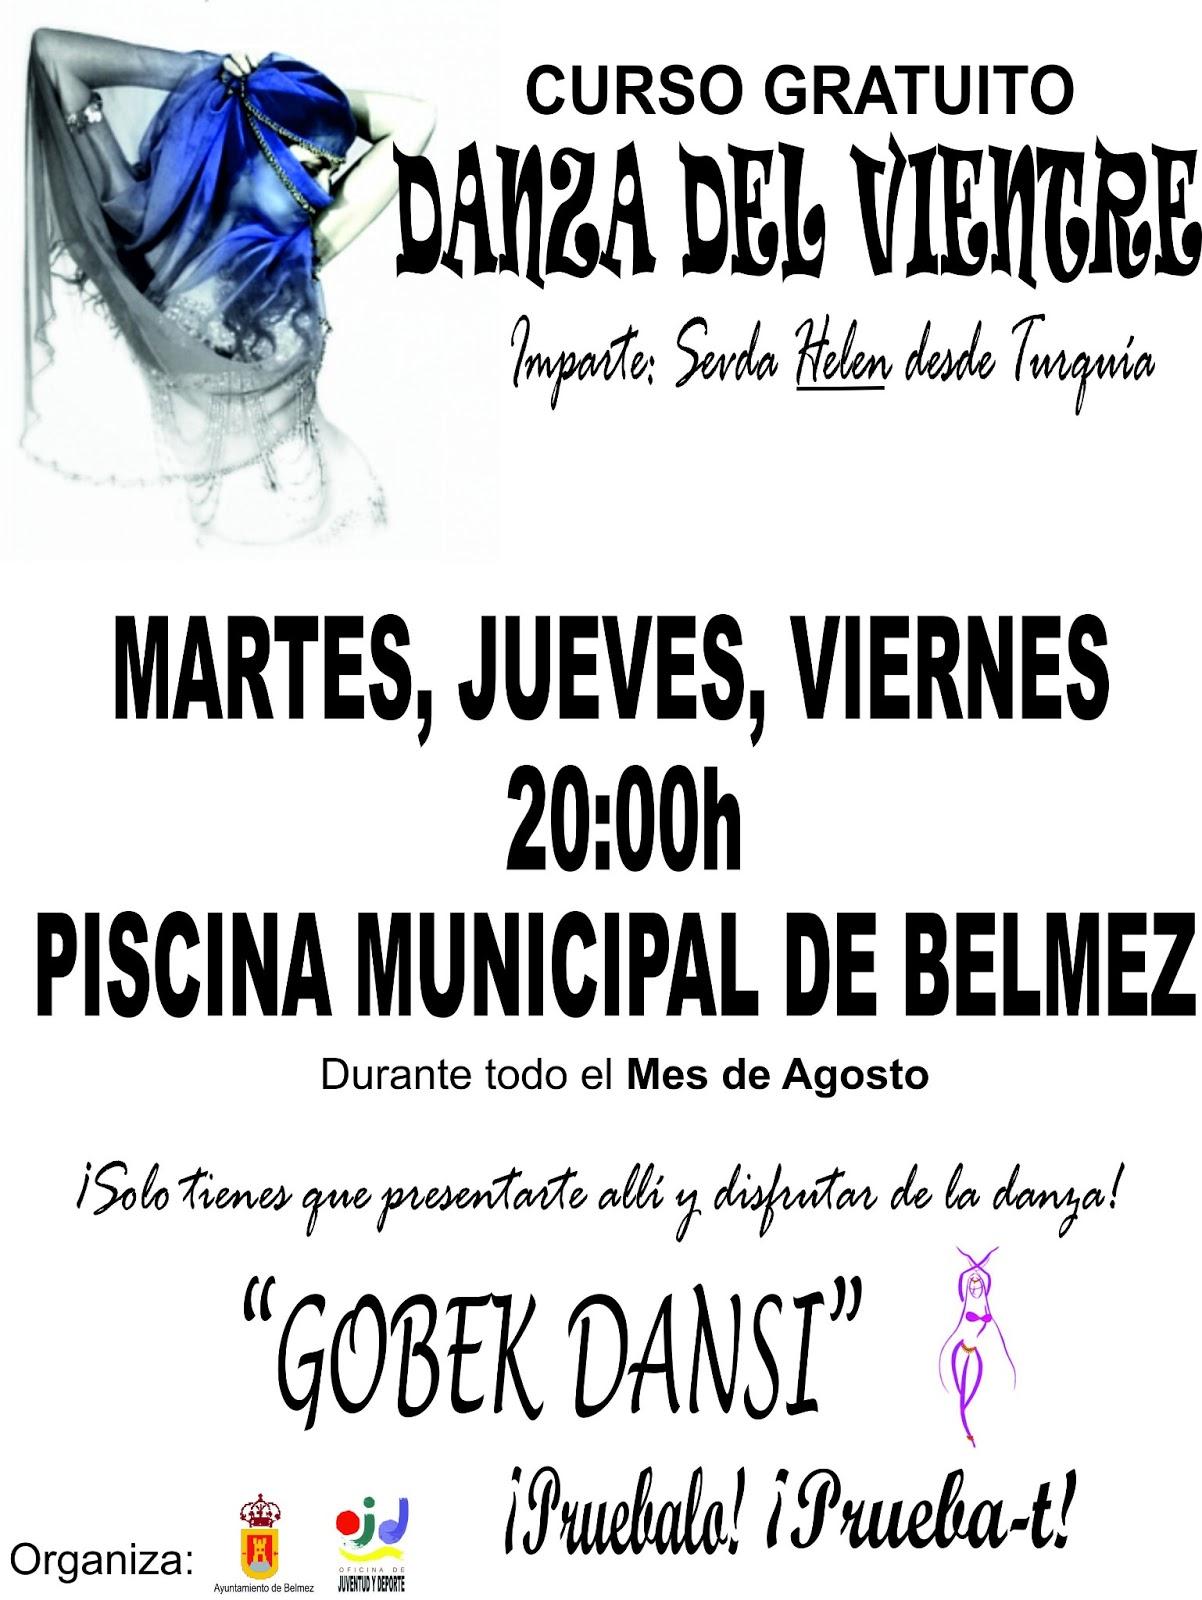 Danza del Vientre, cursos gratuitos en agosto (Córdoba)